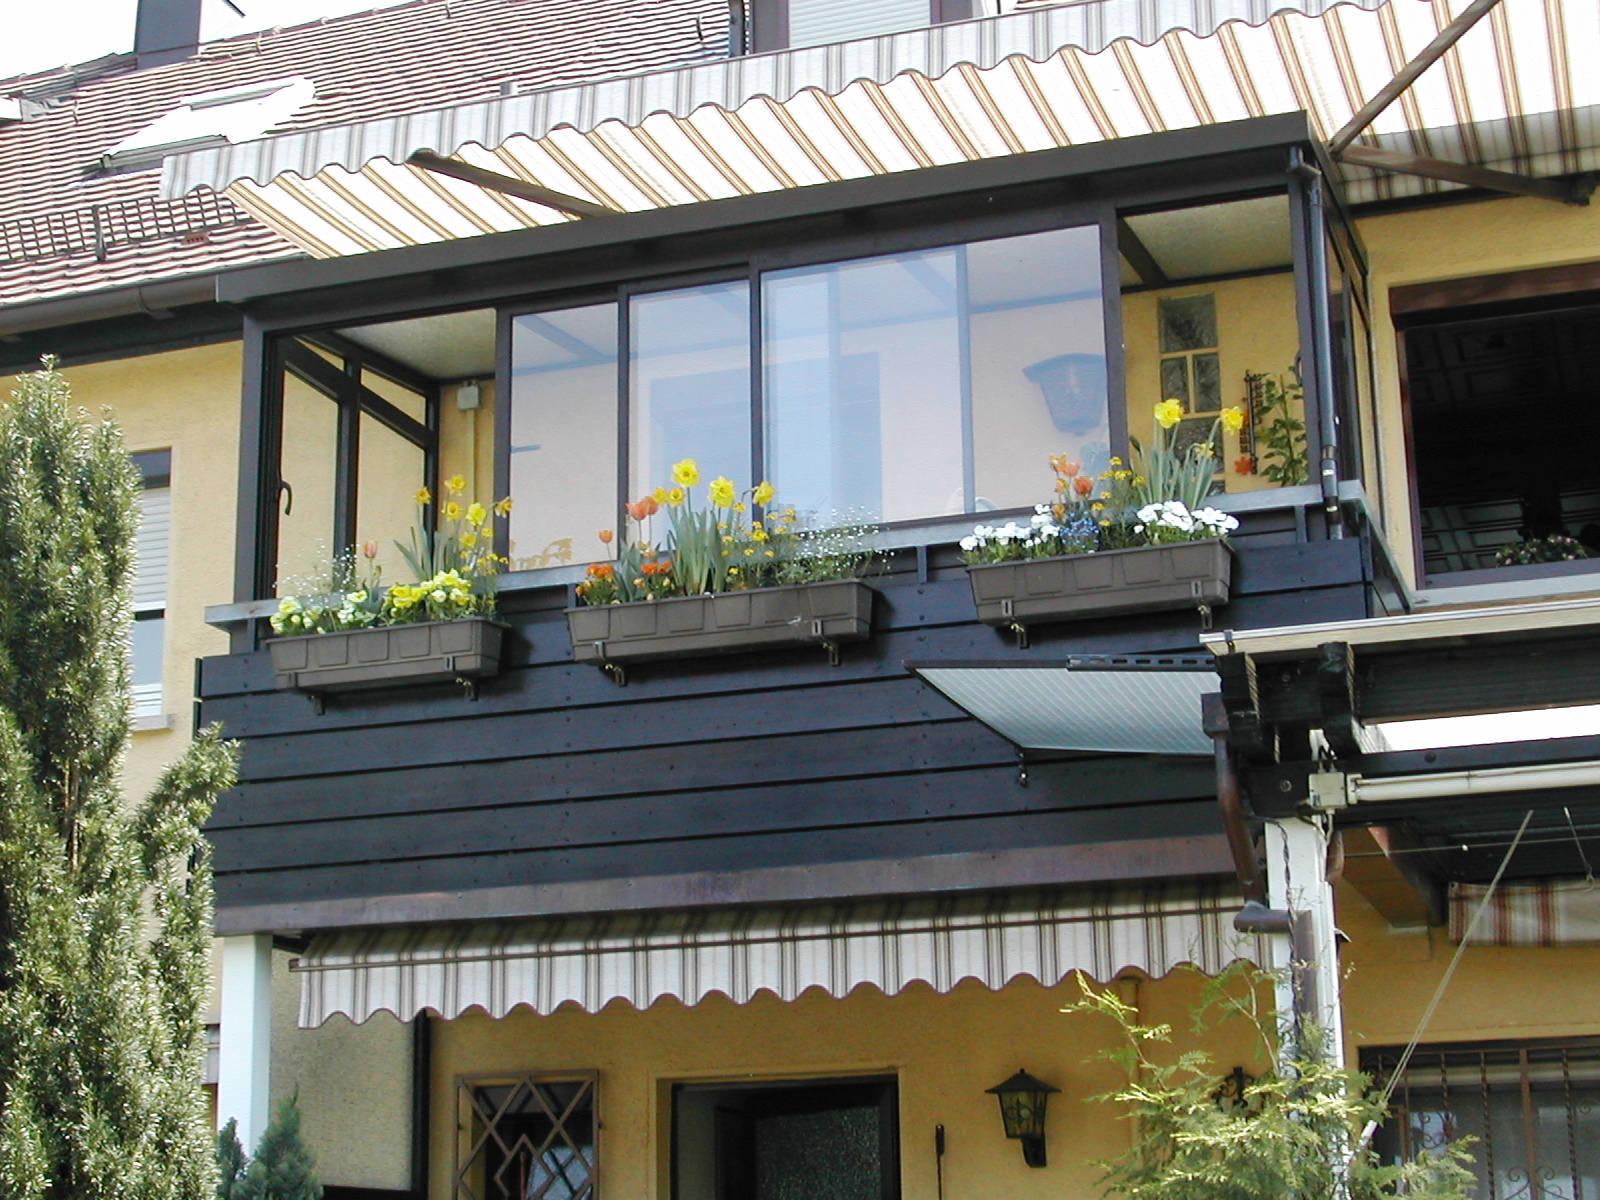 balkon wintergarten bilder balkon als wintergarten umbauen balkon hause dekoration bilder. Black Bedroom Furniture Sets. Home Design Ideas